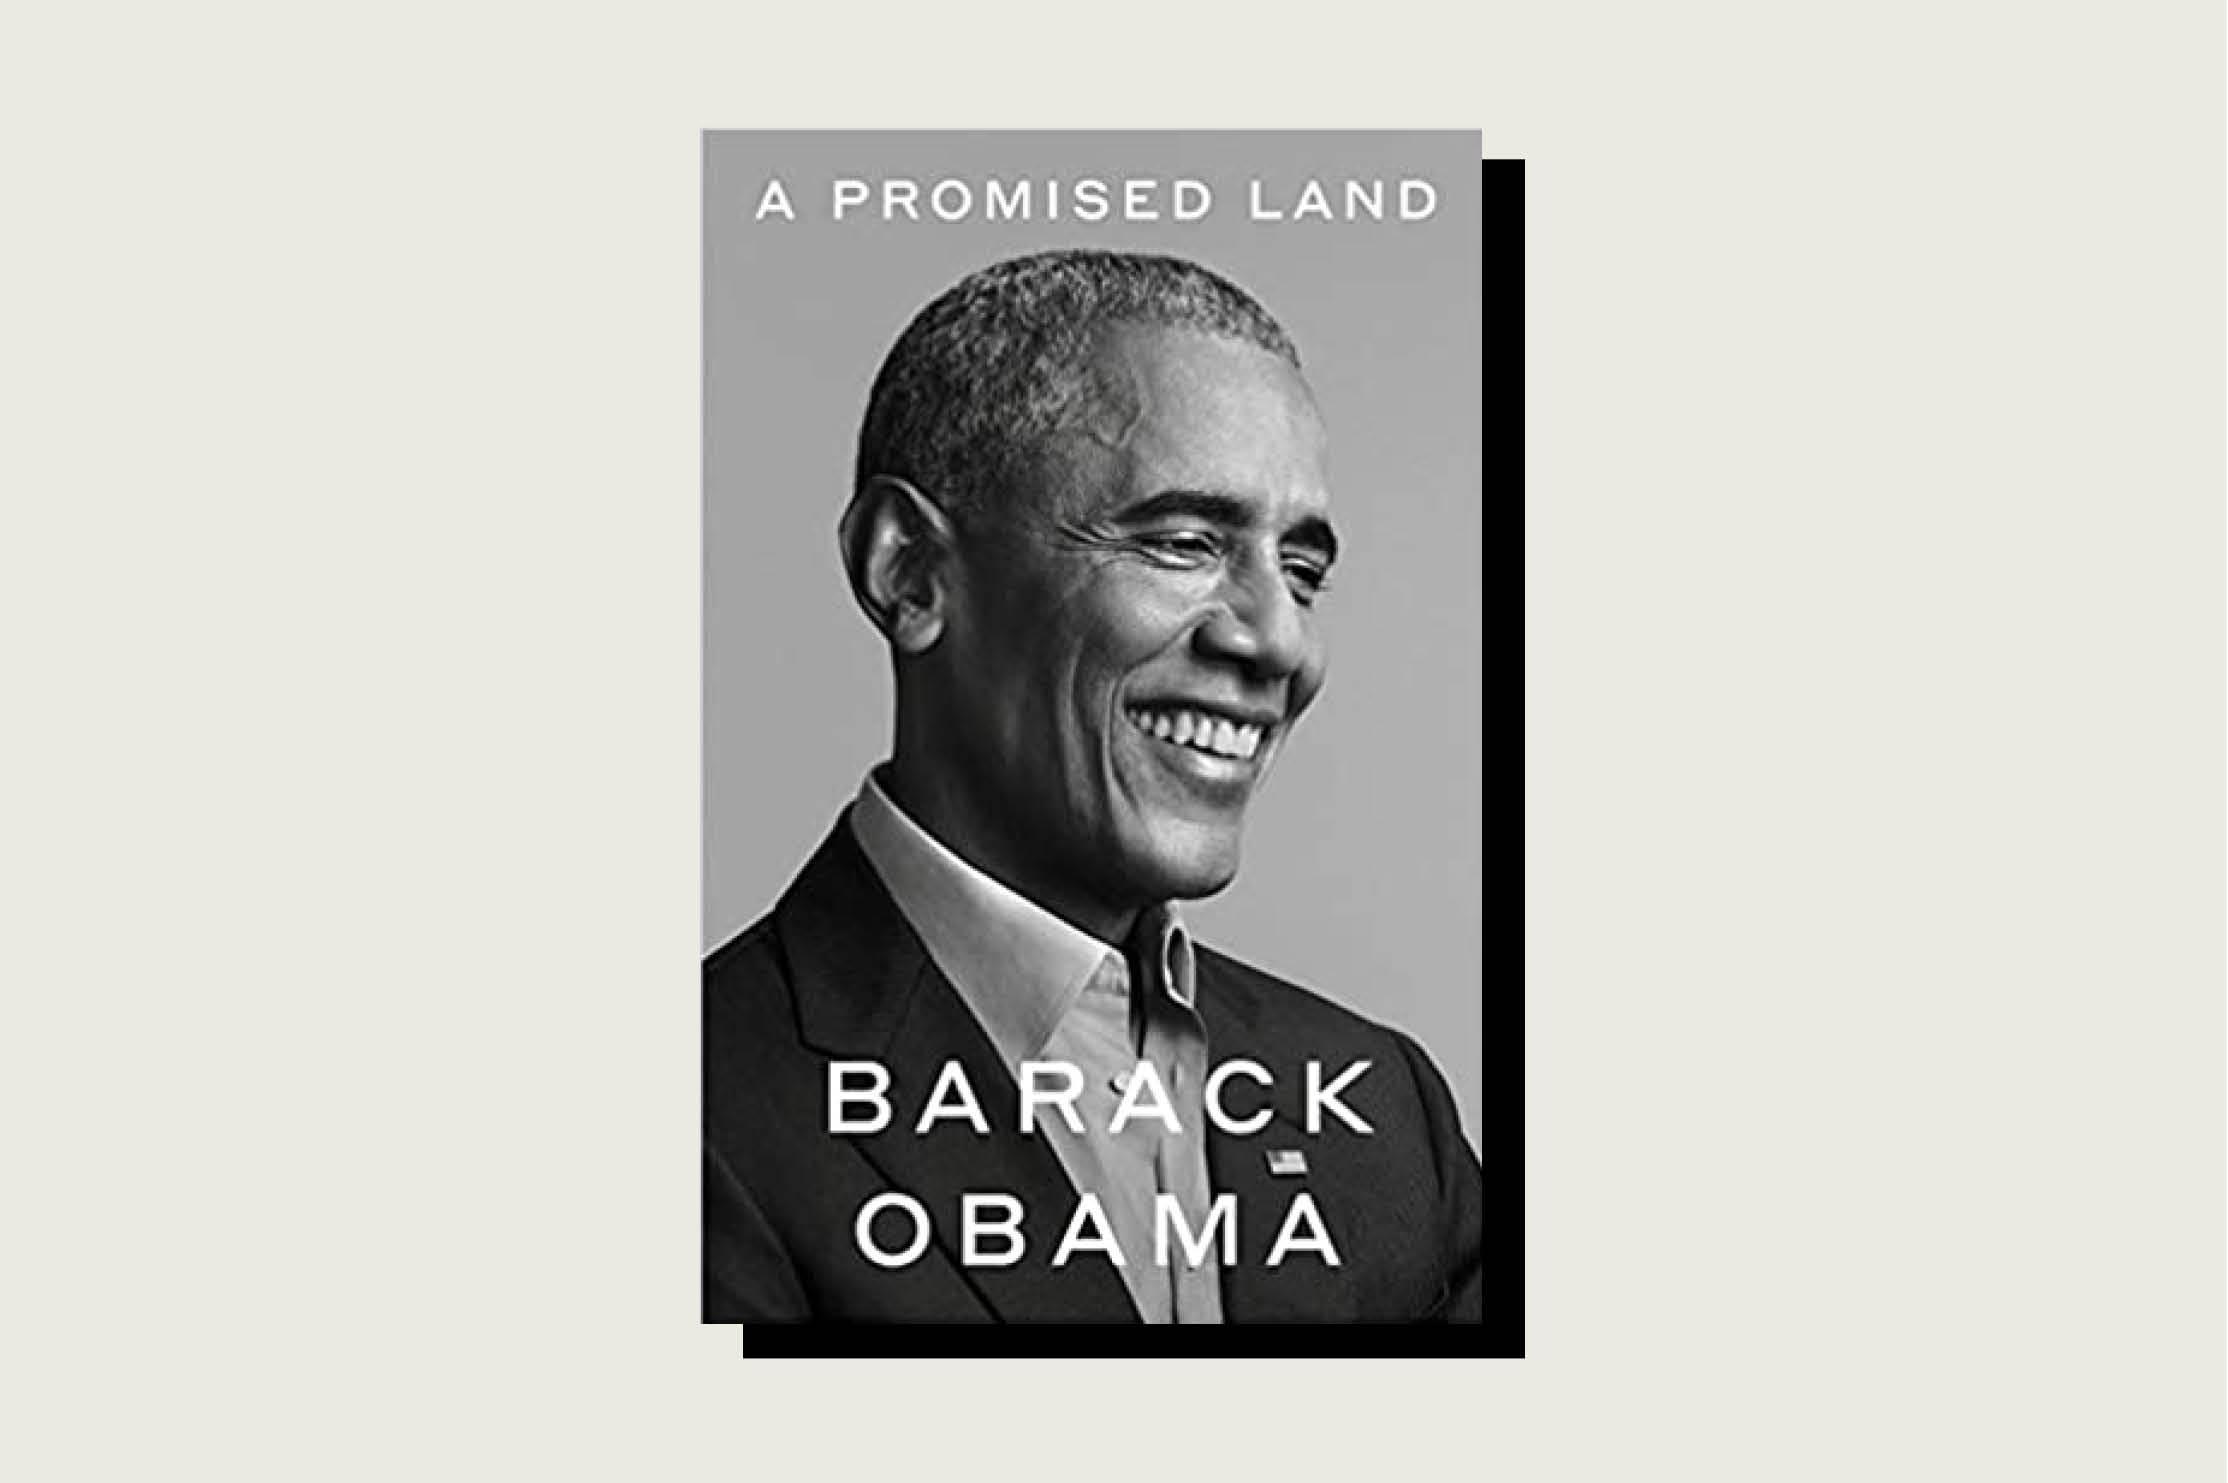 A Promised Land, Barack Obama, Crown Publishing Group, 768 pp., , Nov. 17, 2020